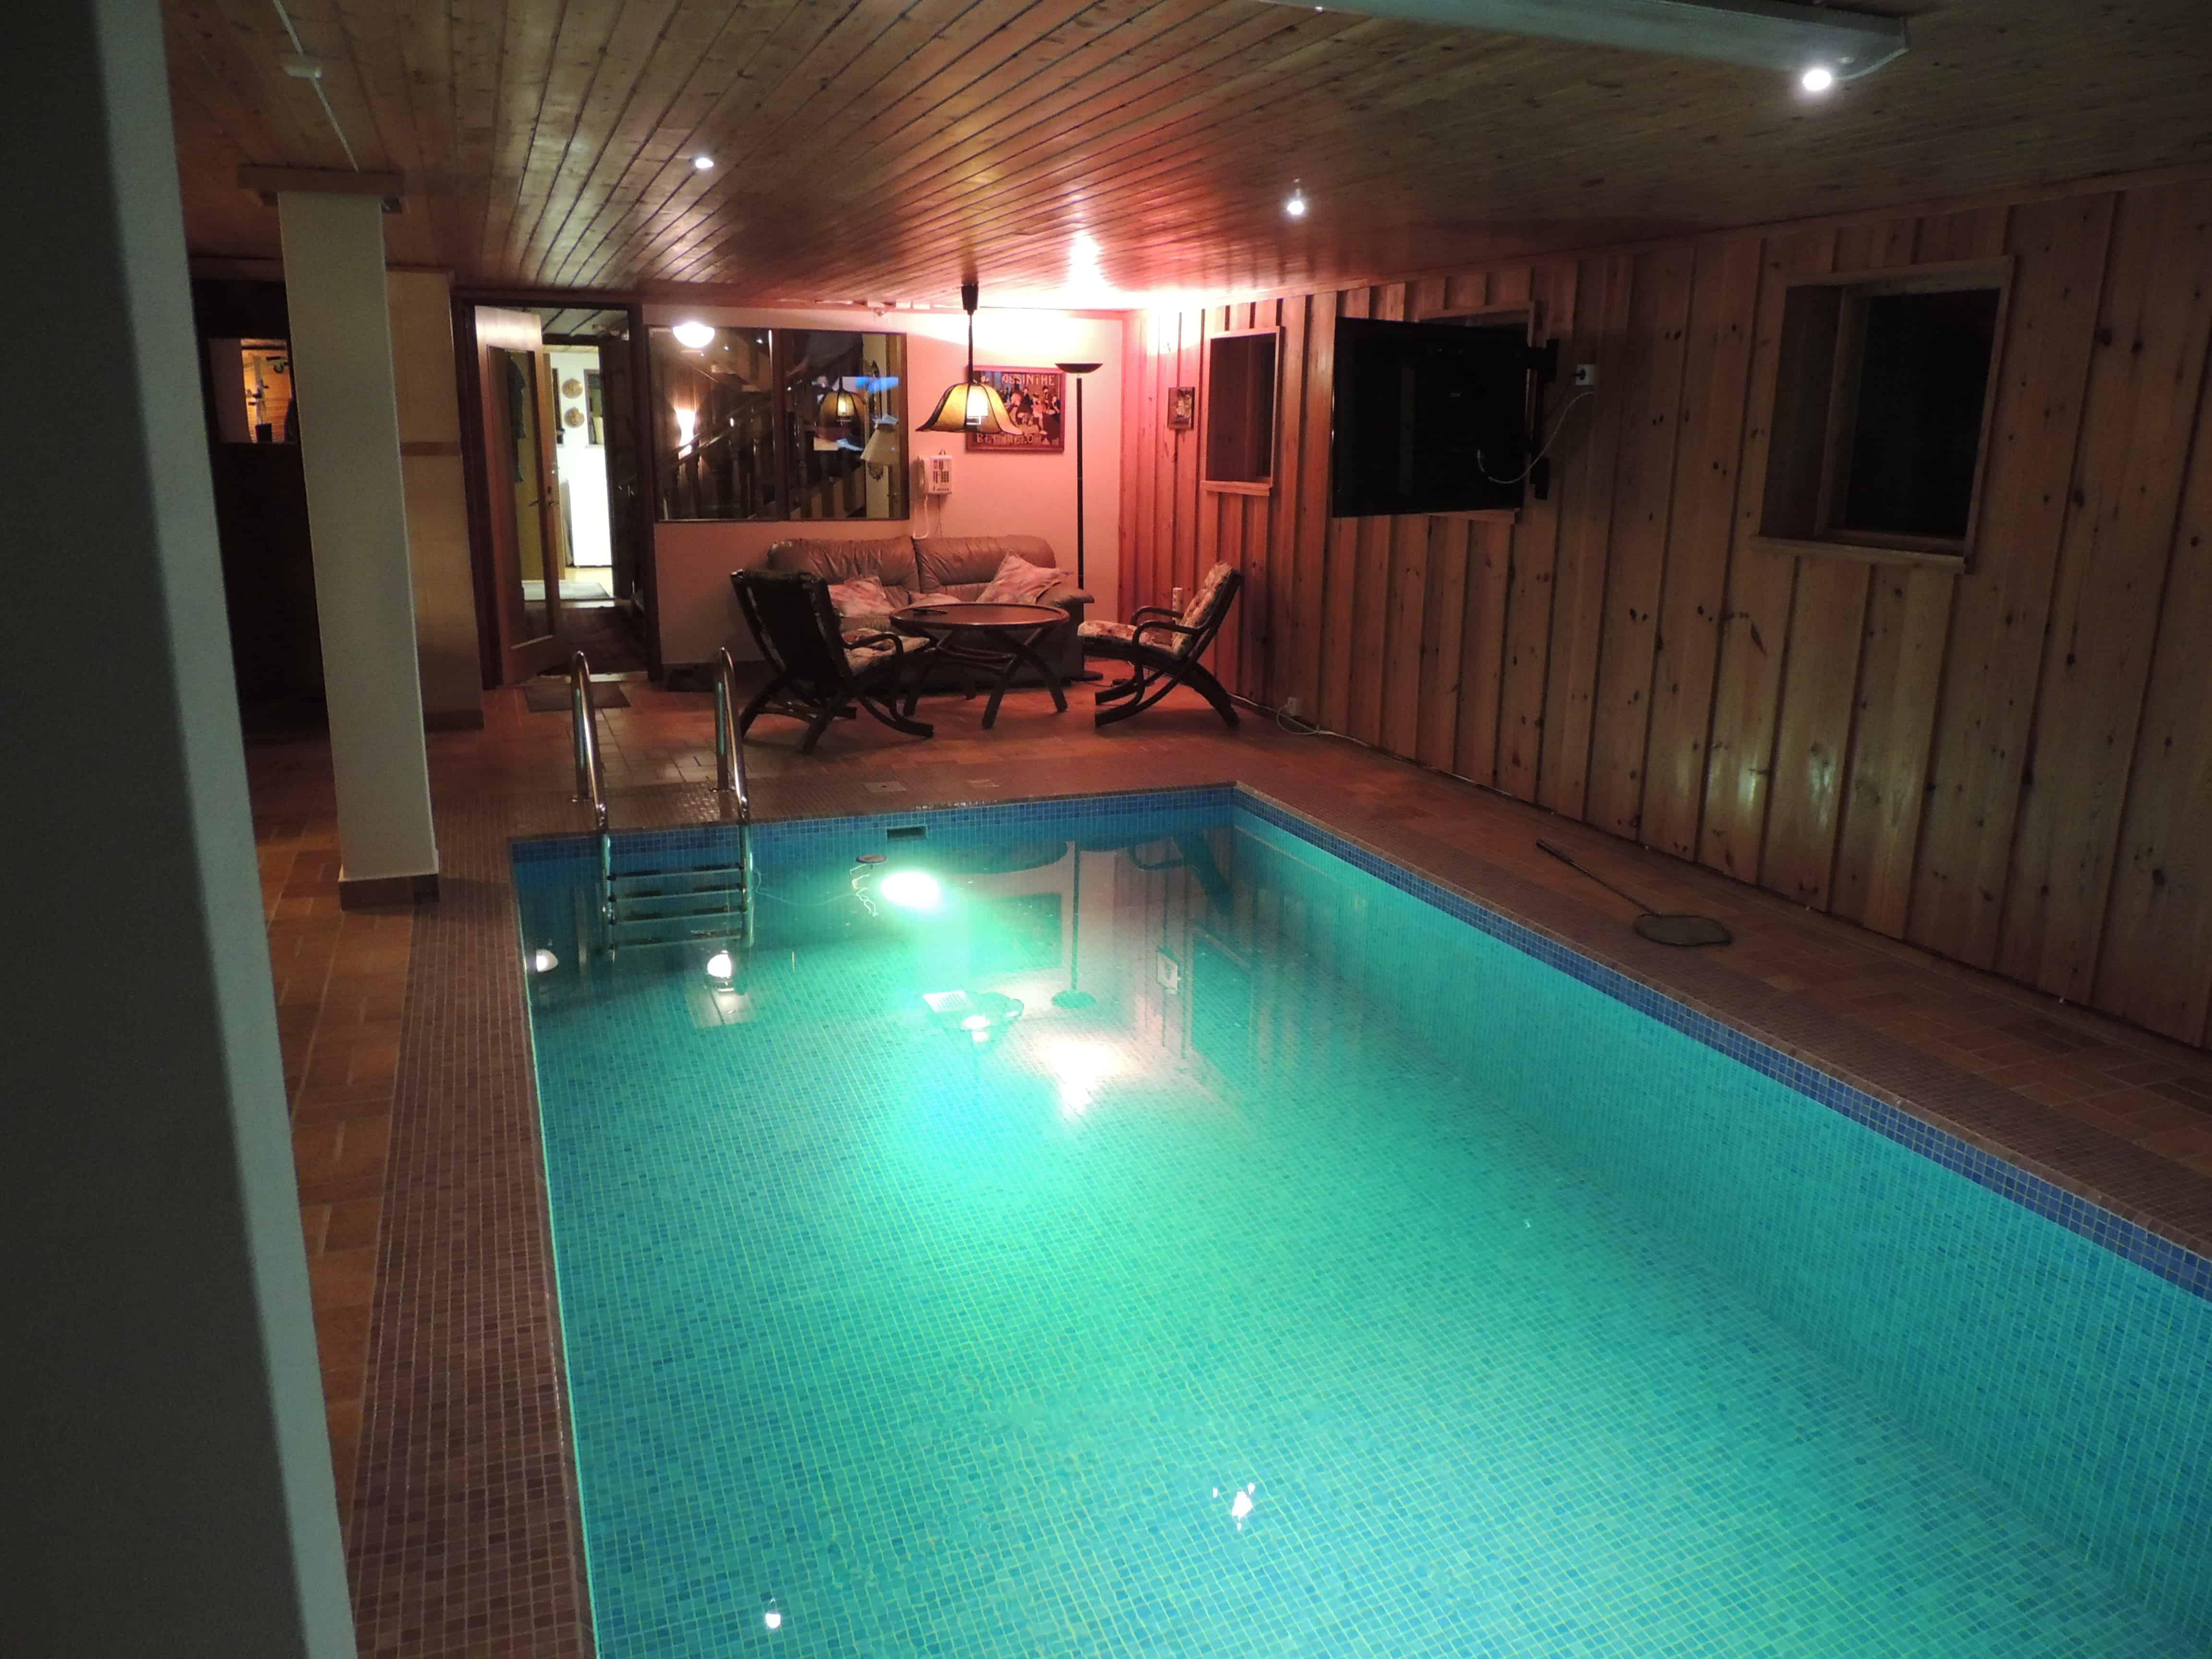 """Referensjobb """"Renovering av inomhus pool"""" utfört av ACOTAX BYGG AB"""